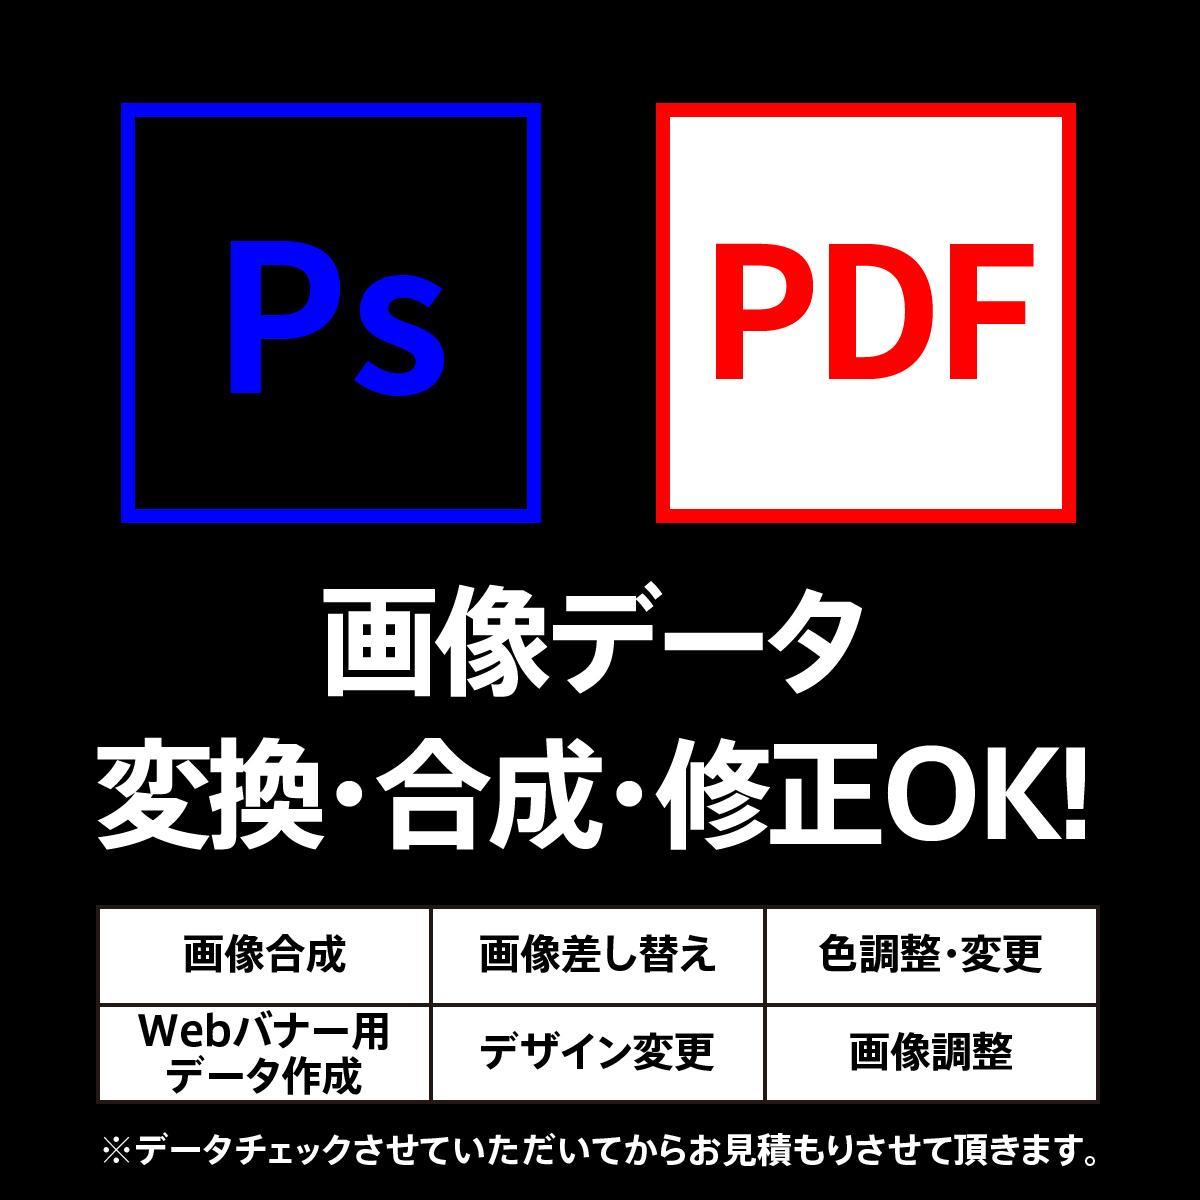 画像・psd・pdfデータ修正できます 修正・訂正でお困りの方一度、お気軽にお尋ねください。 イメージ1